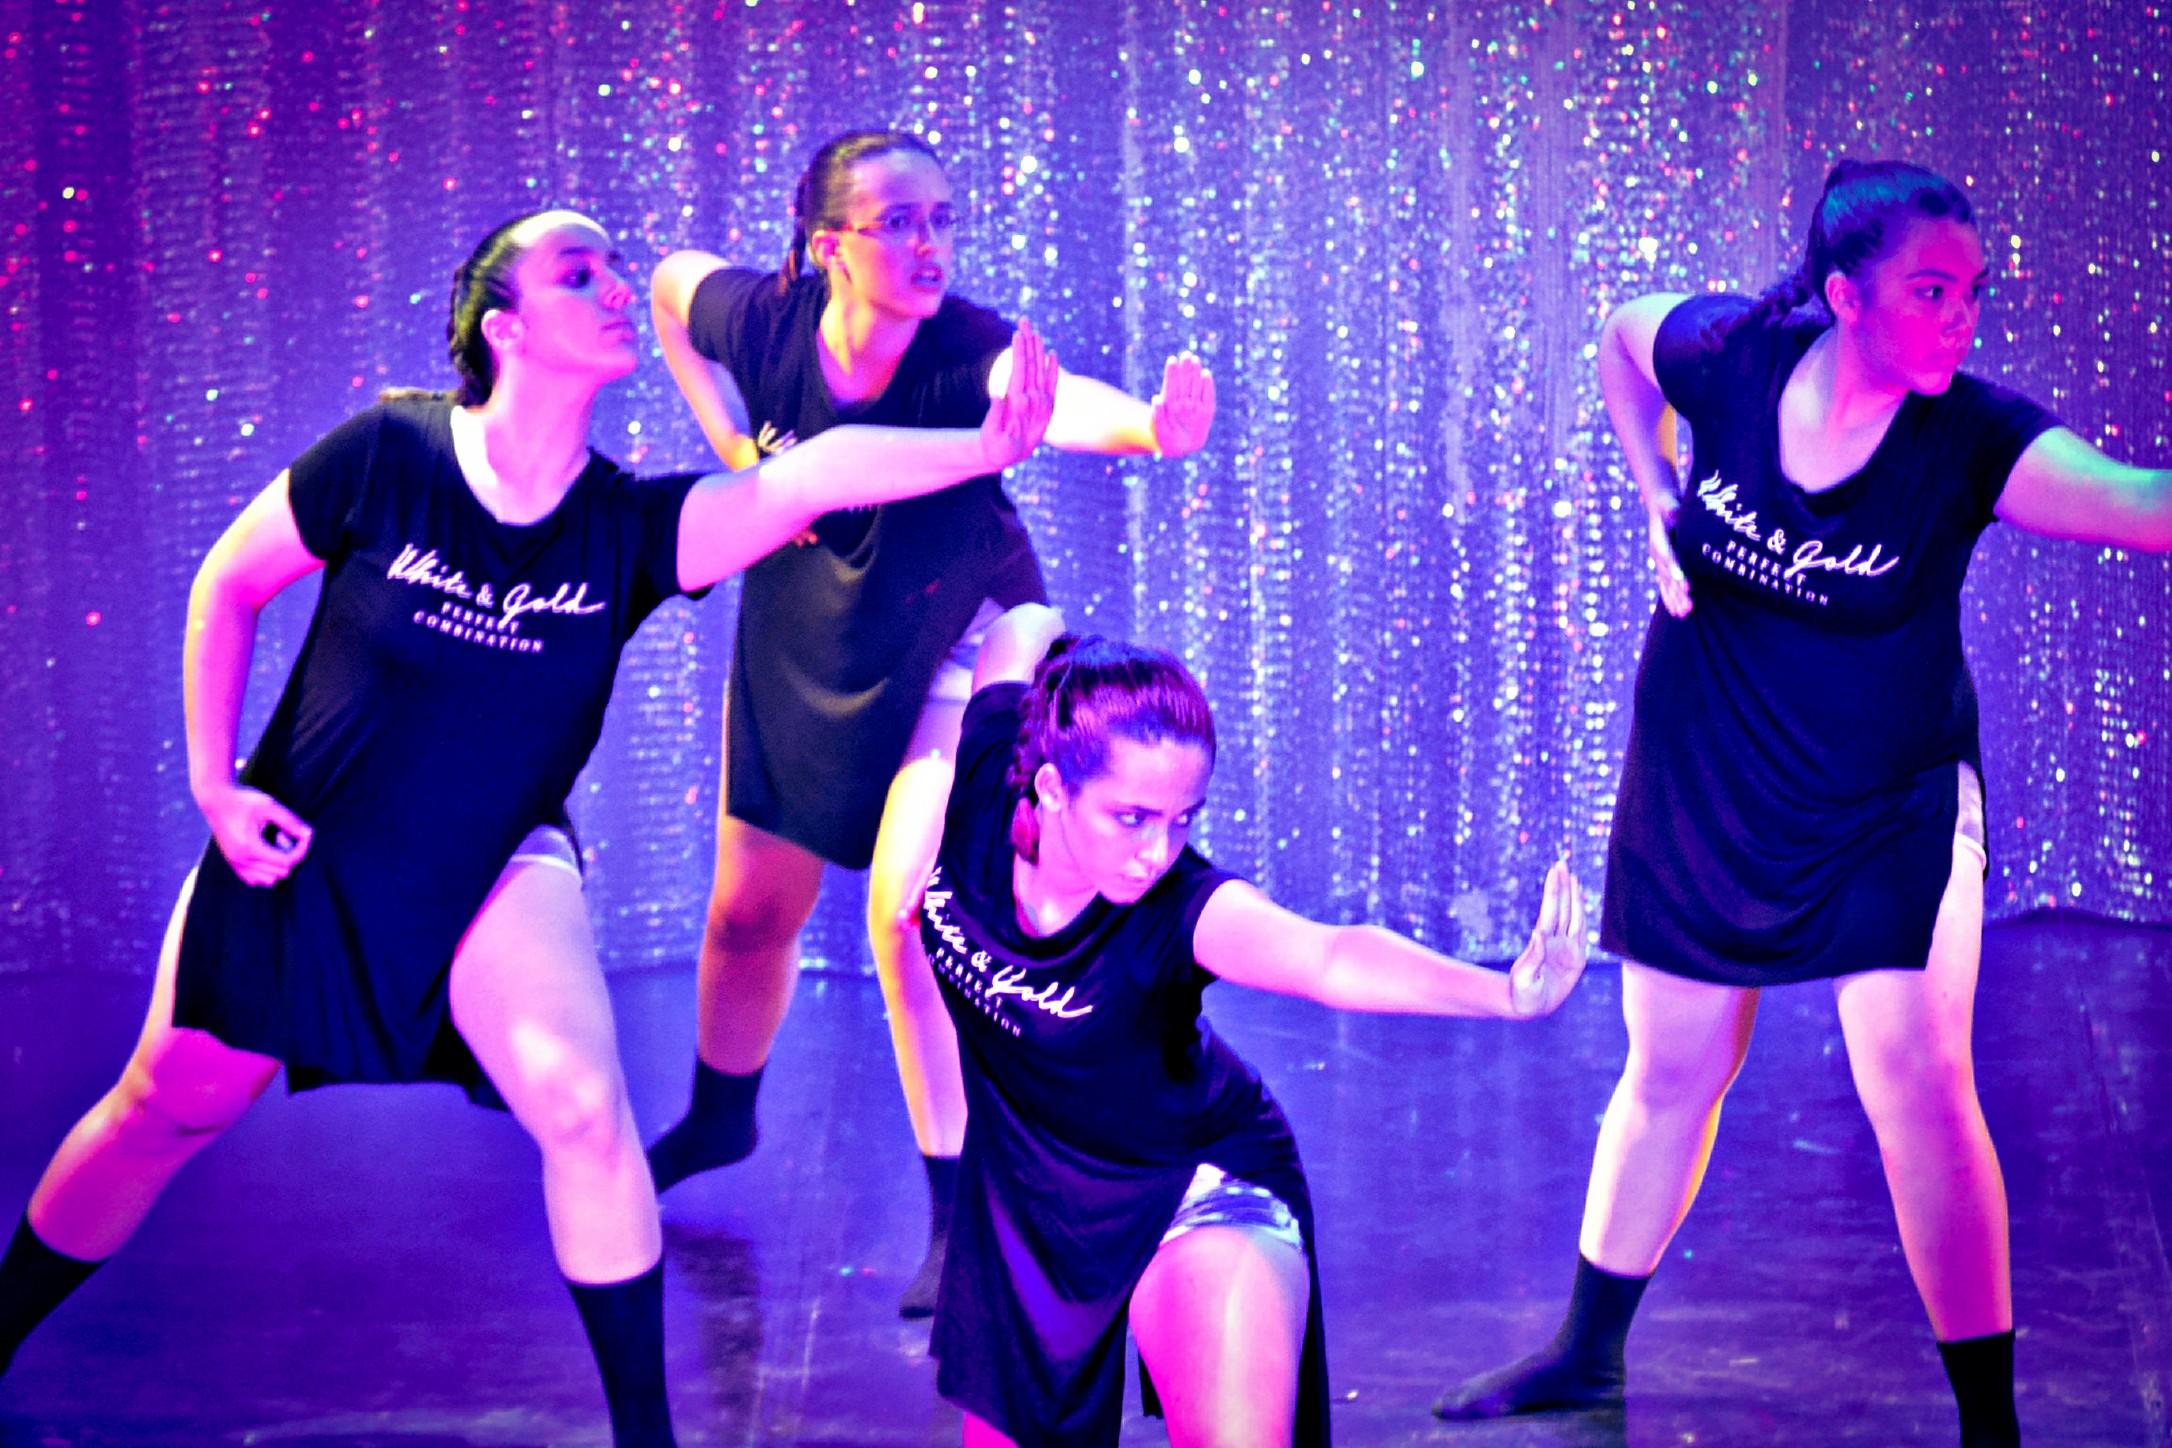 Linea-de-Baile-festival-verano-2015-clases-de-baile-valencia-15